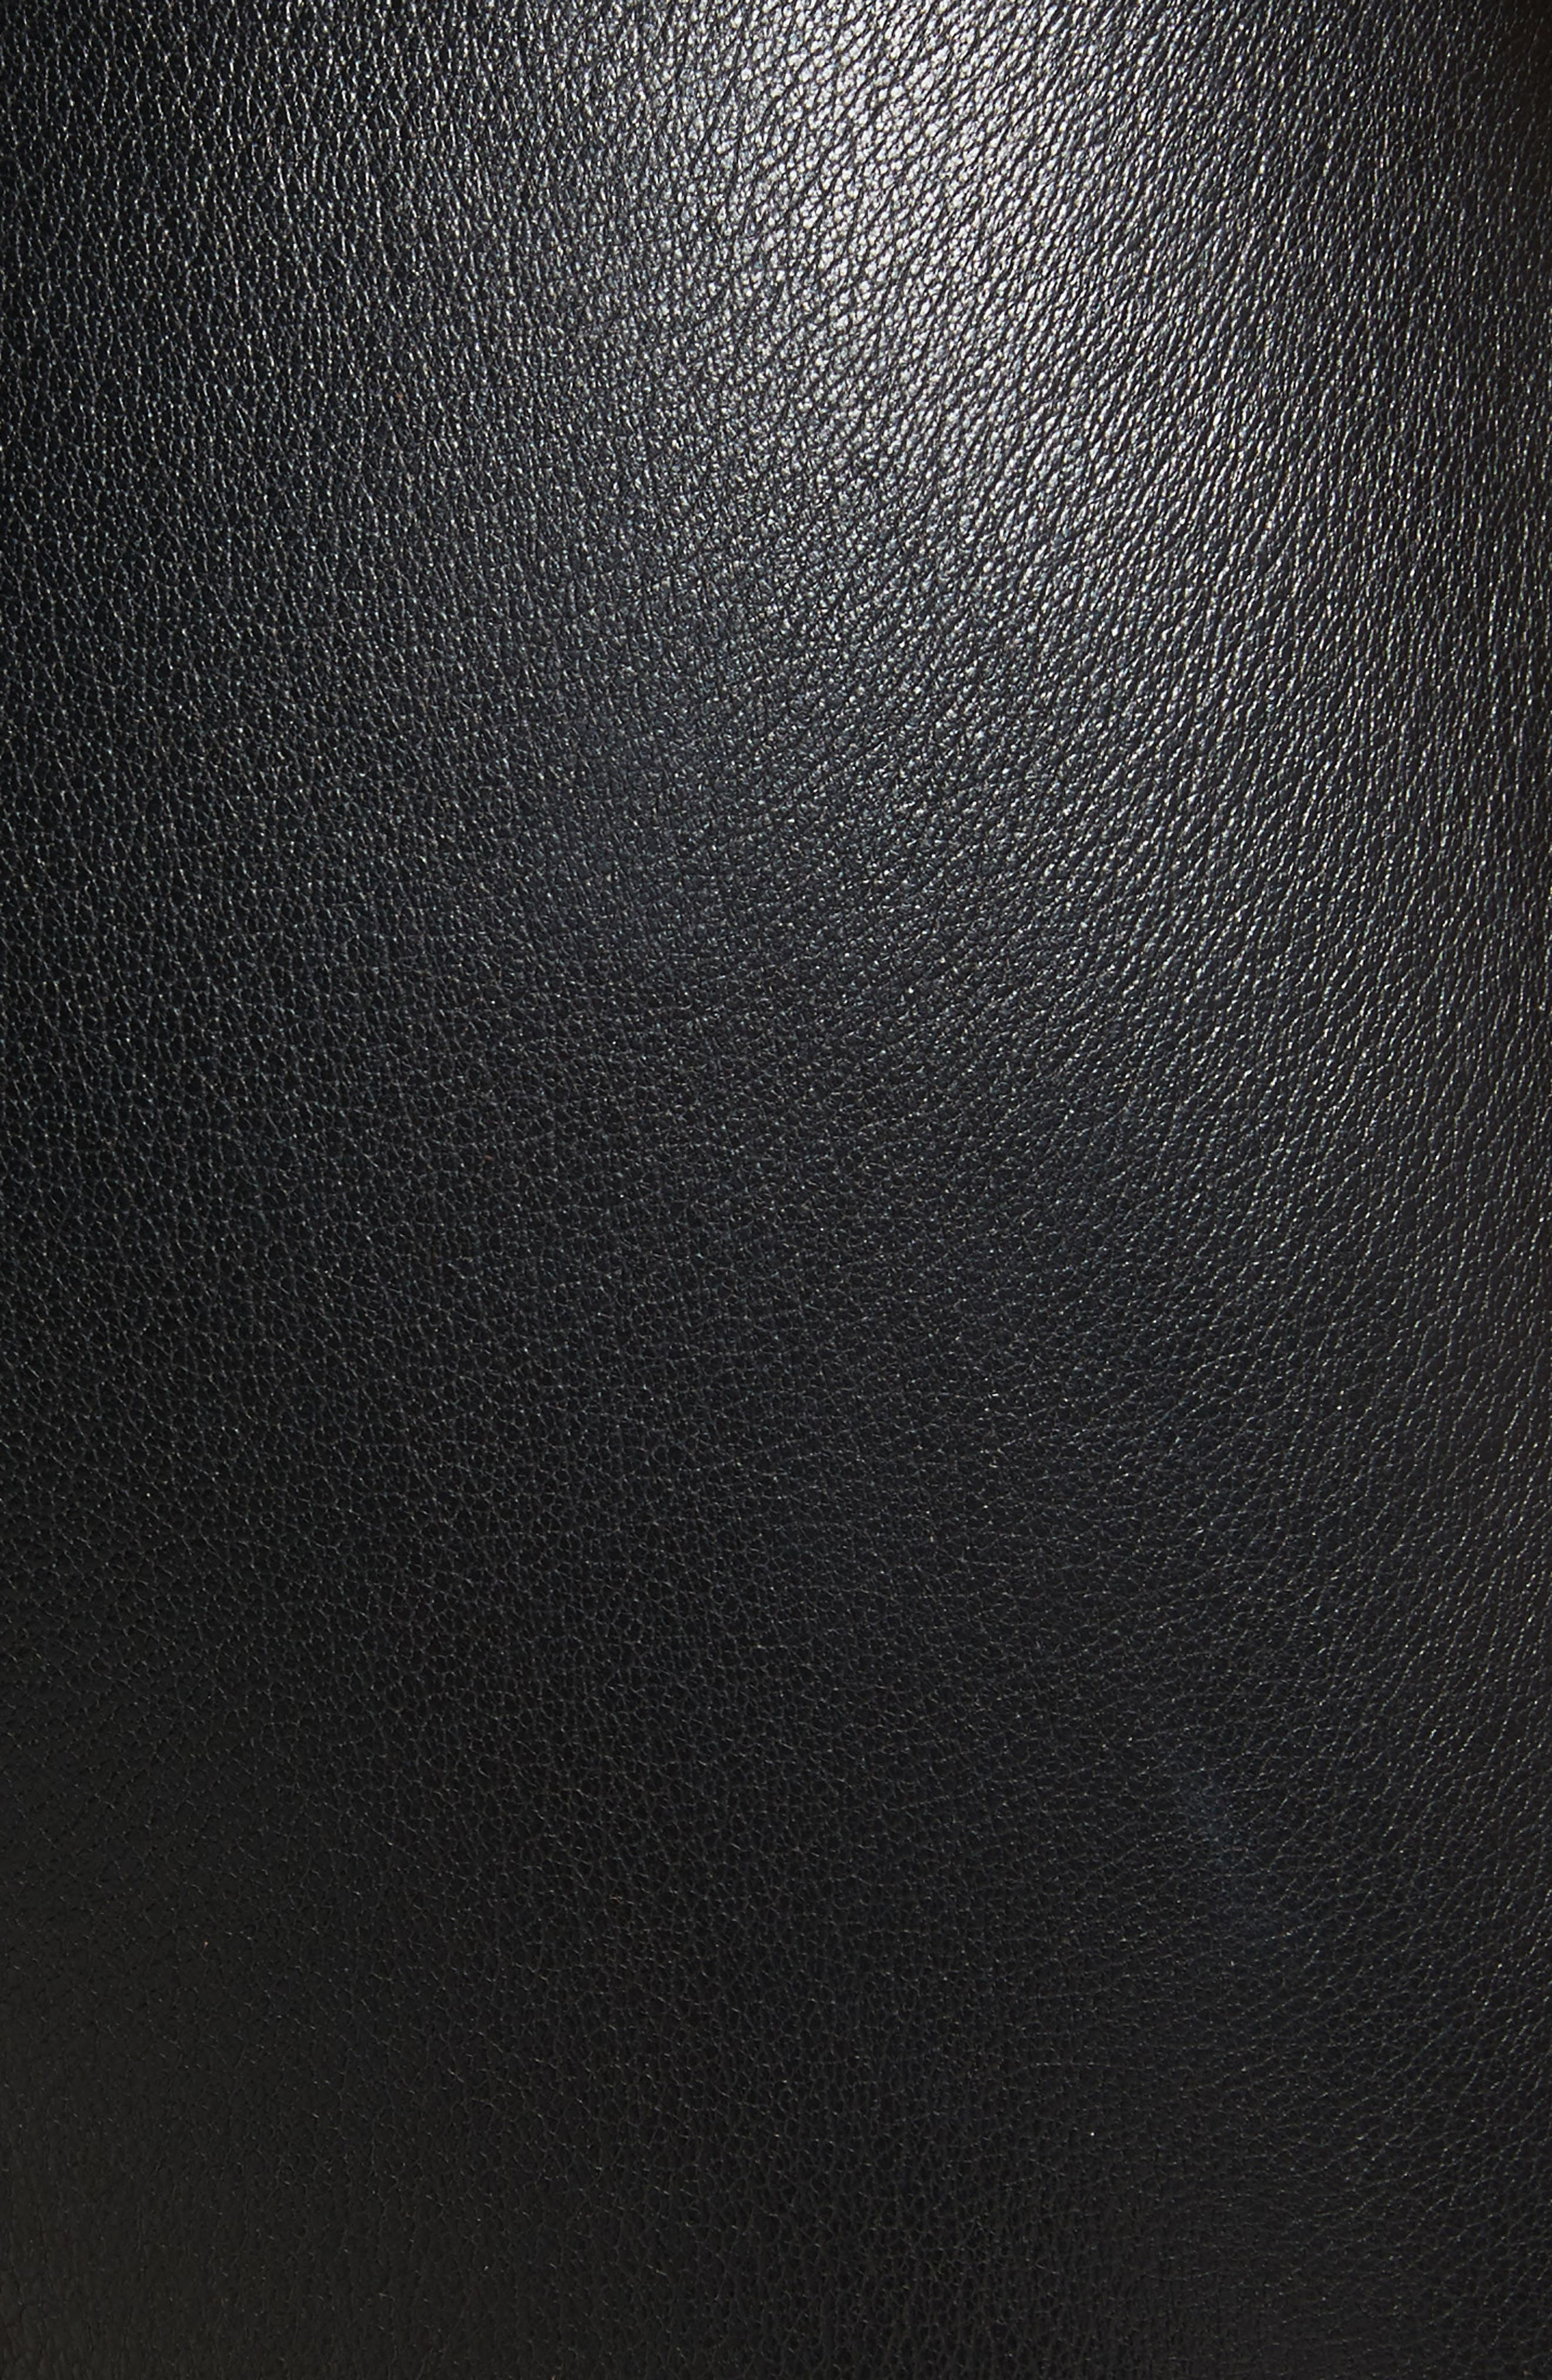 Gionata Ruffle Hem Leather Pants,                             Alternate thumbnail 5, color,                             Black